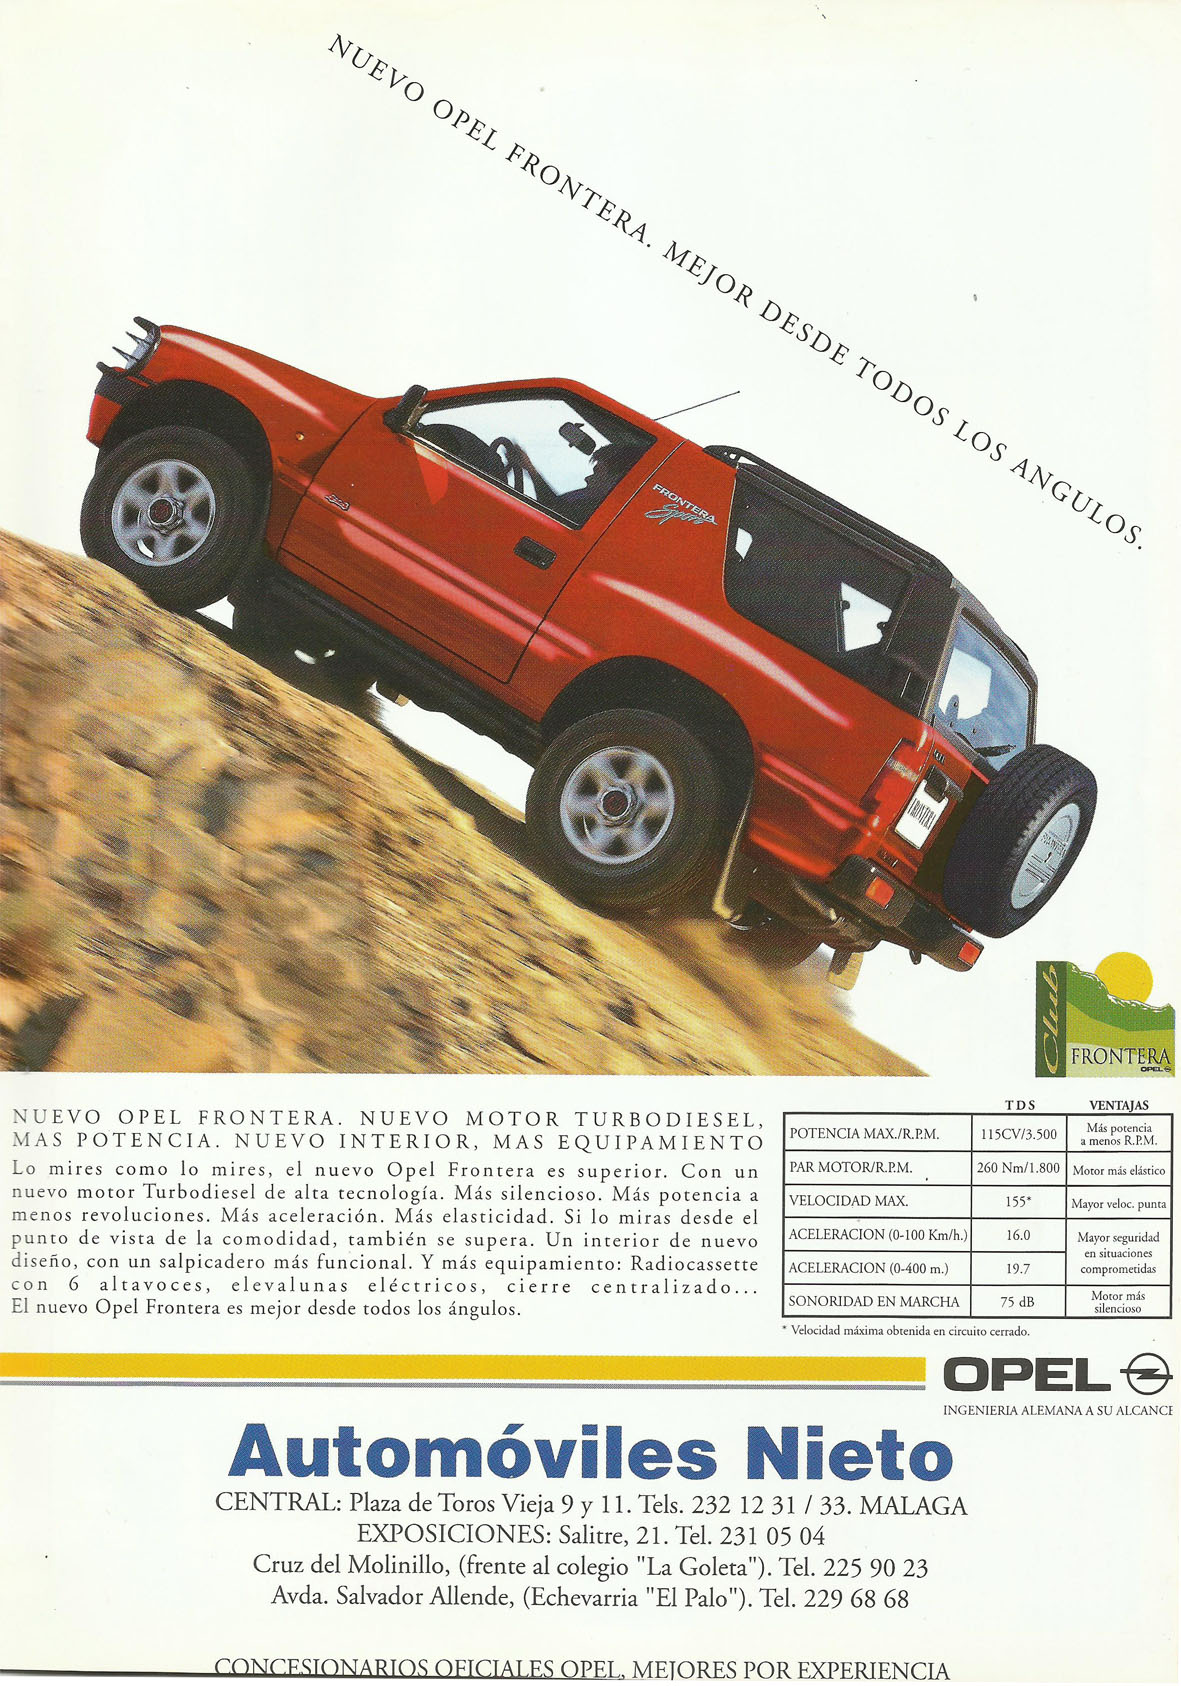 Revista Local 4x4 32 Interior Contraportada Opel Frontera Automóviles Nieto